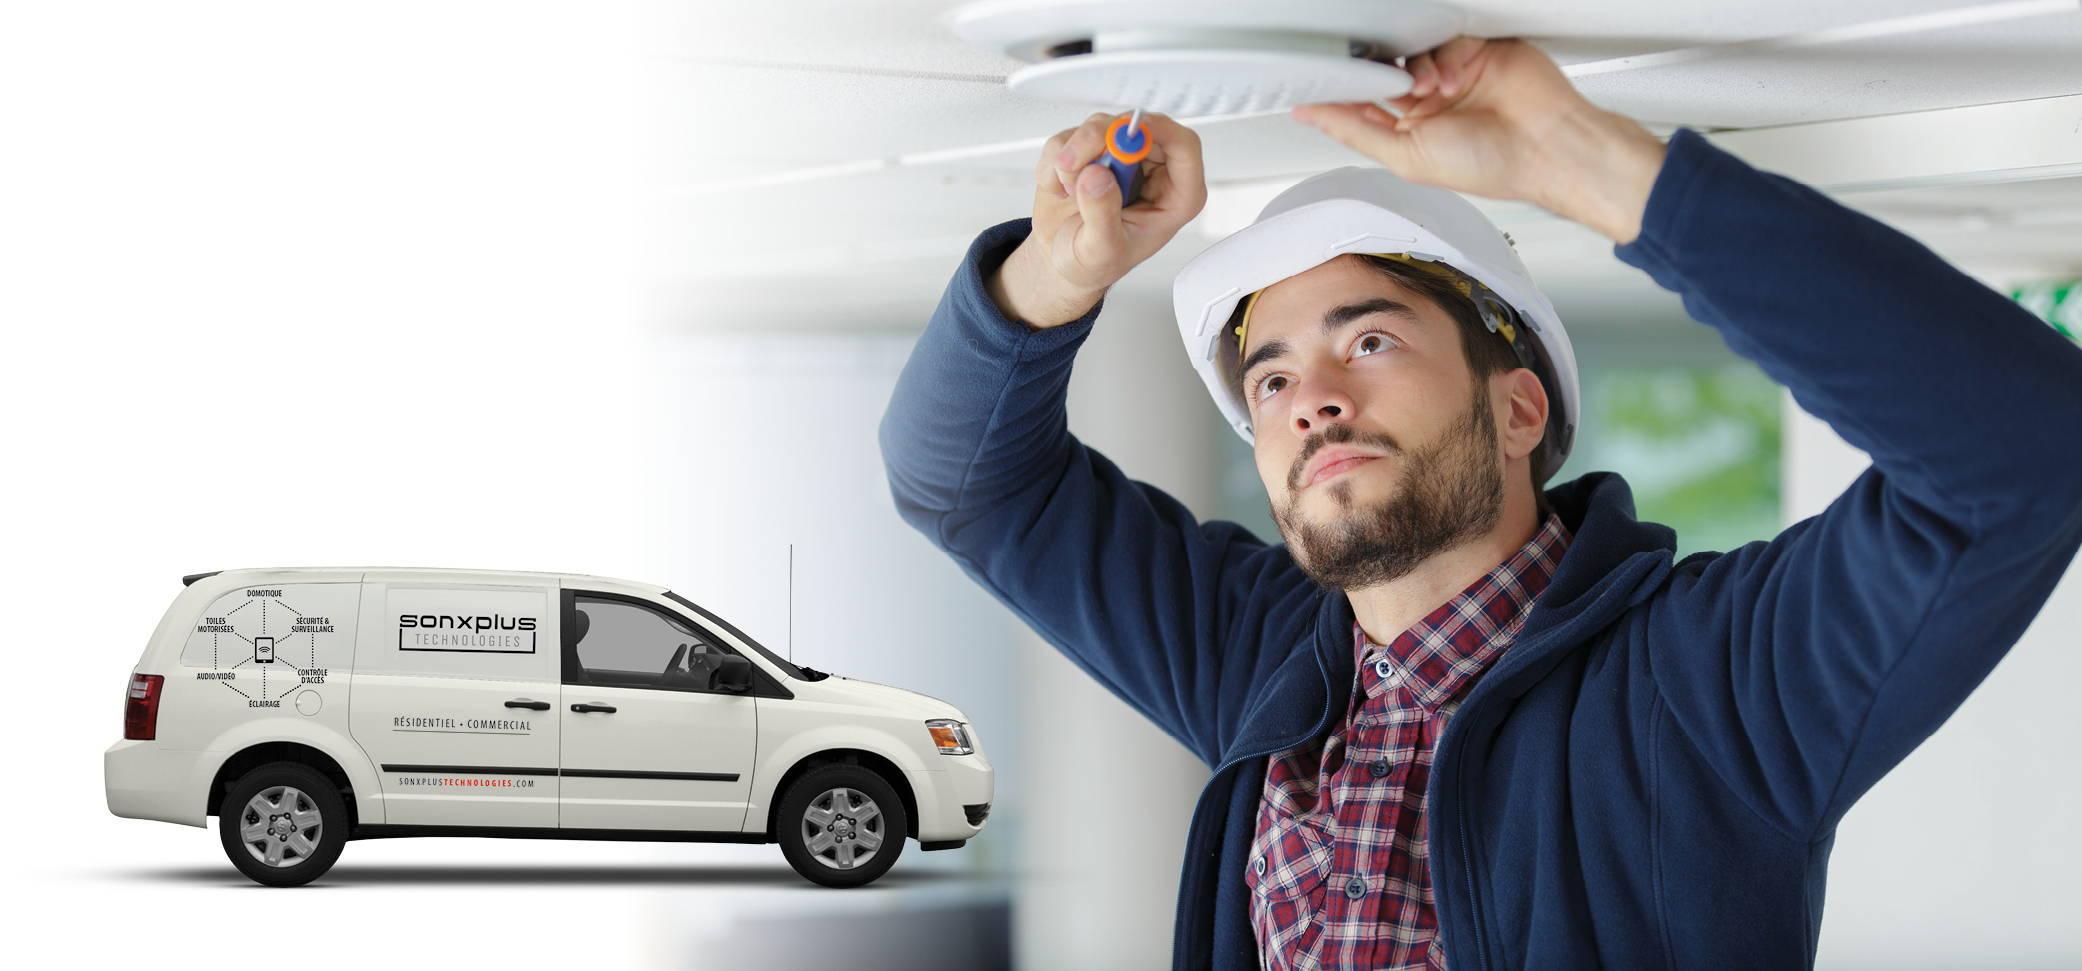 Services installation audio vidéo | SONXPLUS Lac St-Jean